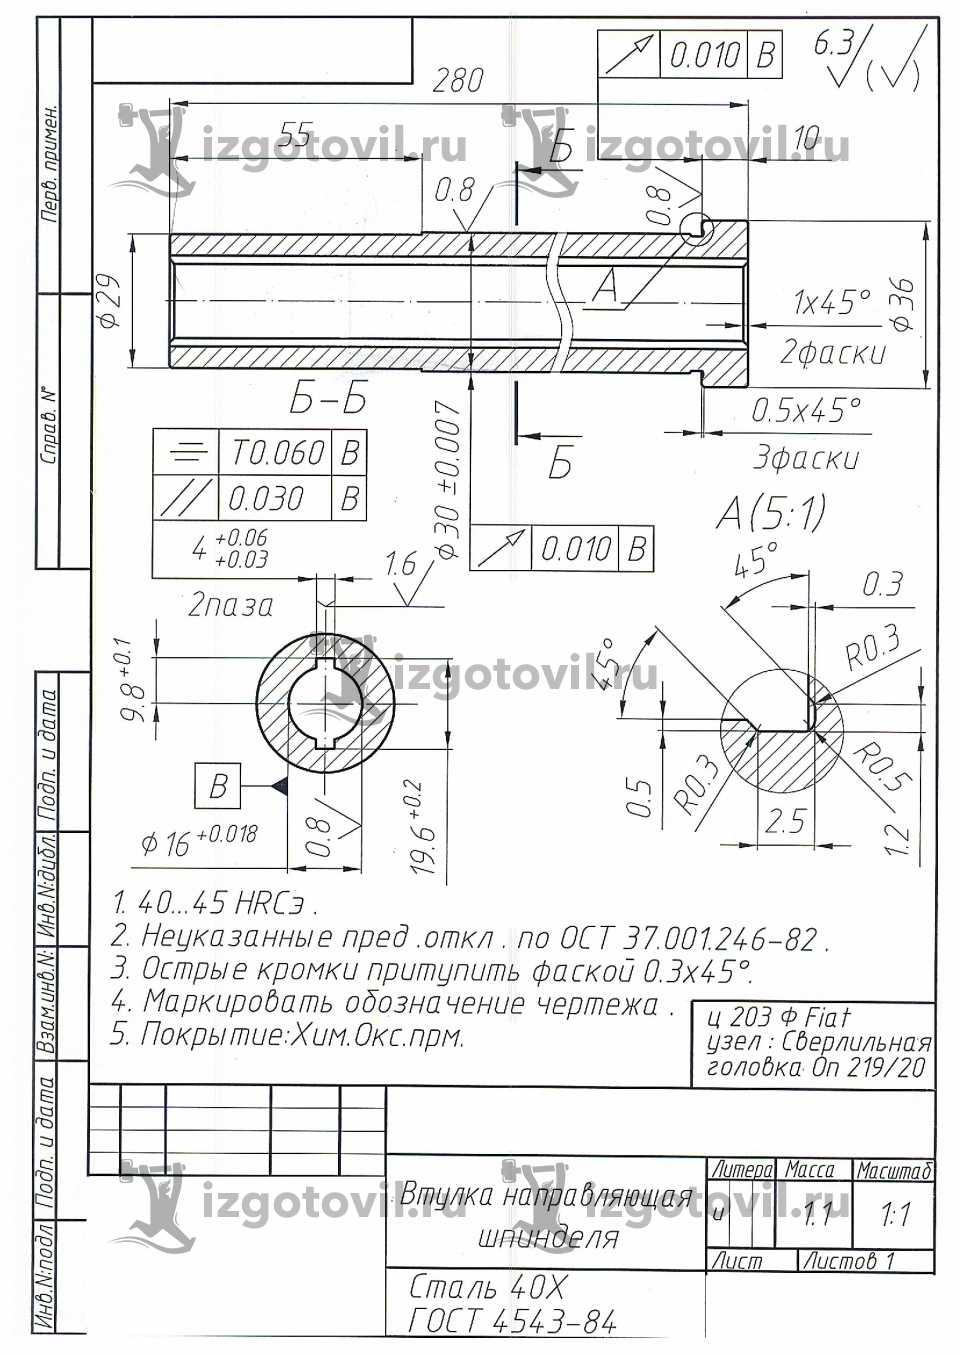 Токарная обработка деталей - изготовить детали